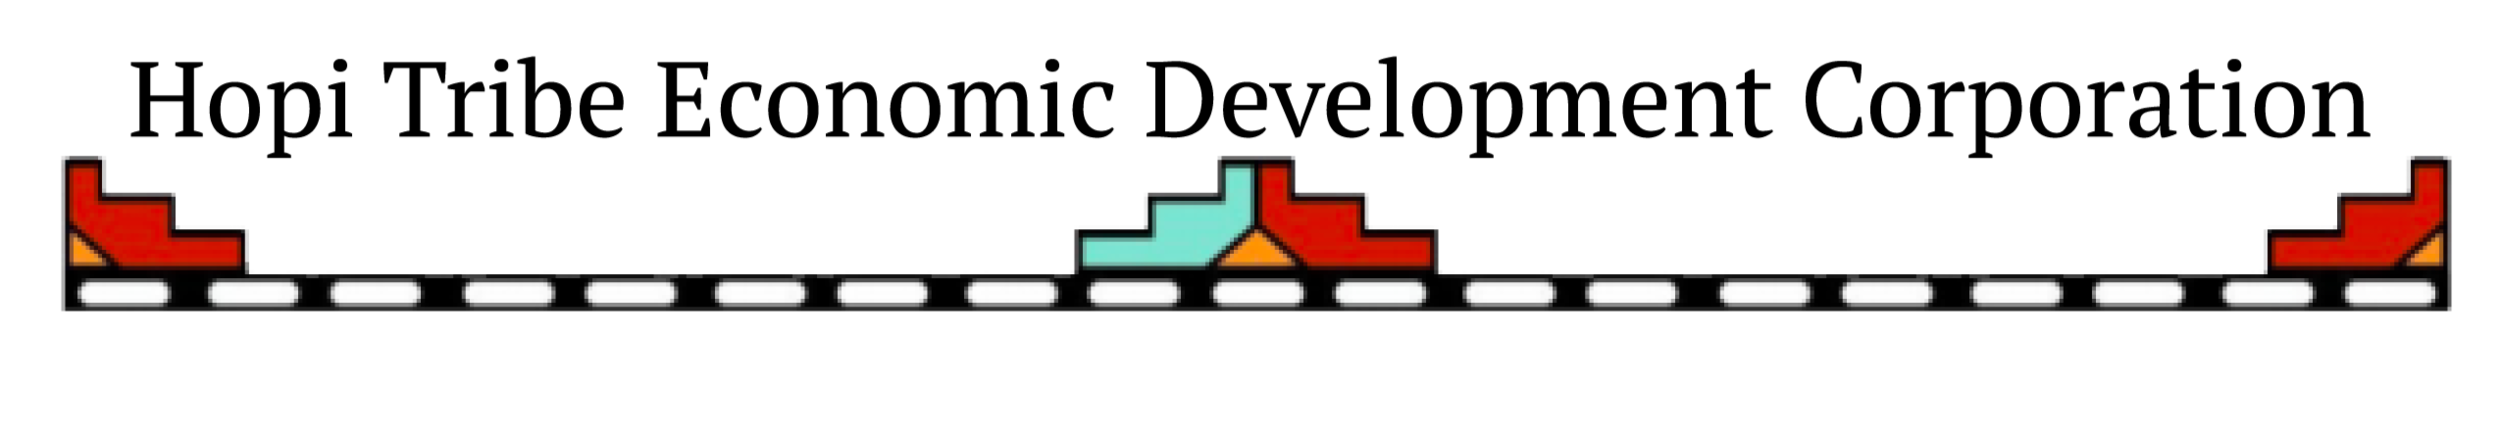 HTEDC Horizonal Logo.png